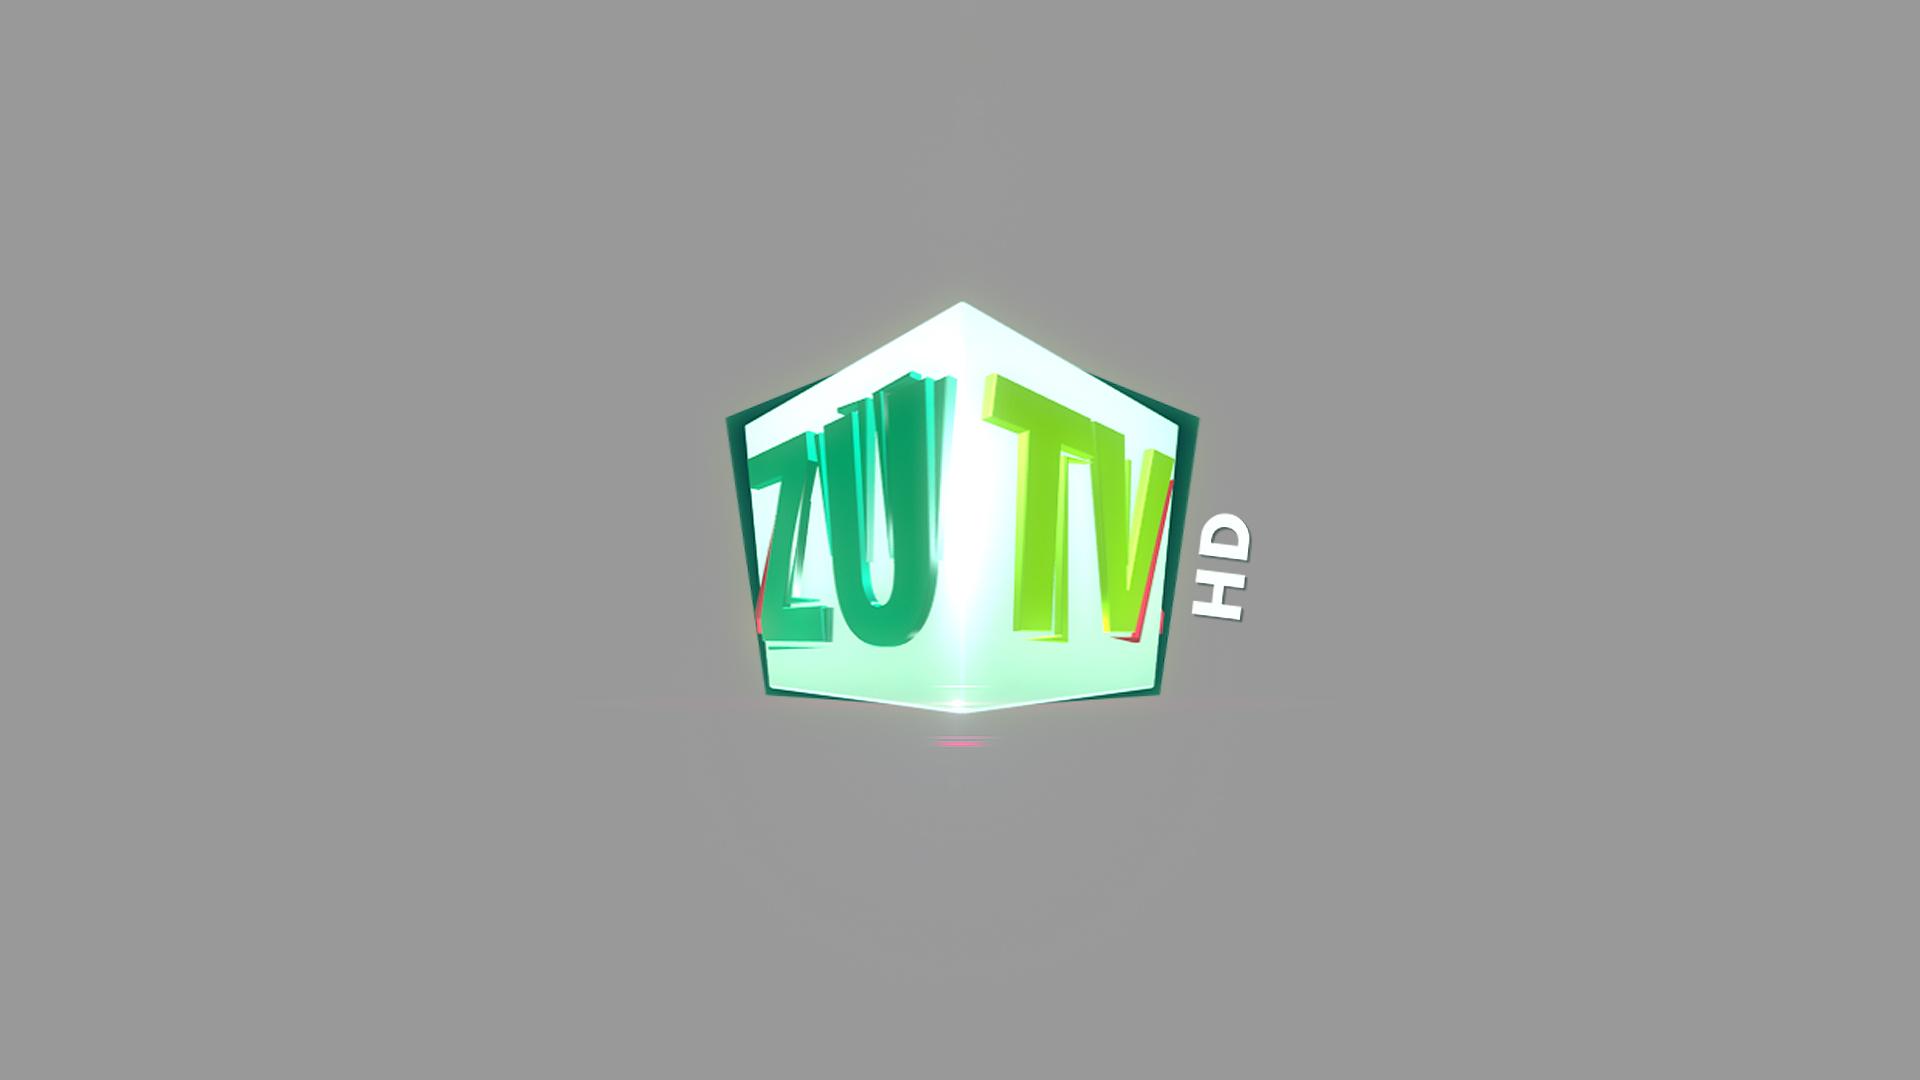 zu_logo_hd_300dpi